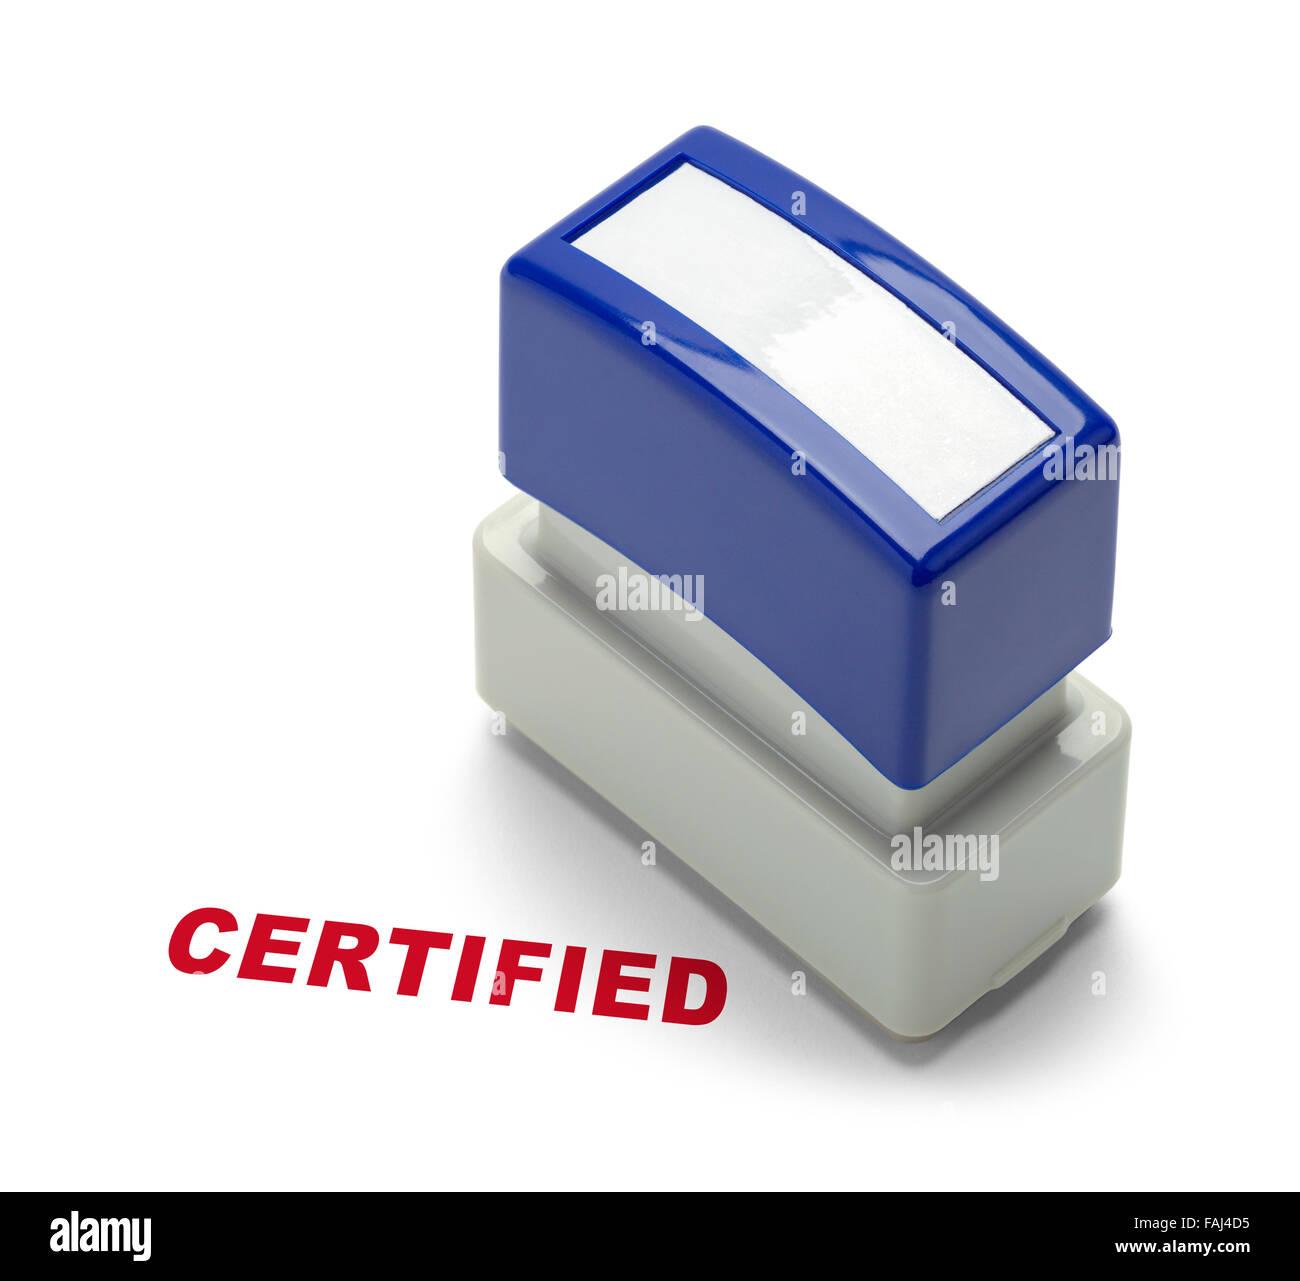 Azienda Certificata Stamper isolato su uno sfondo bianco. Immagini Stock